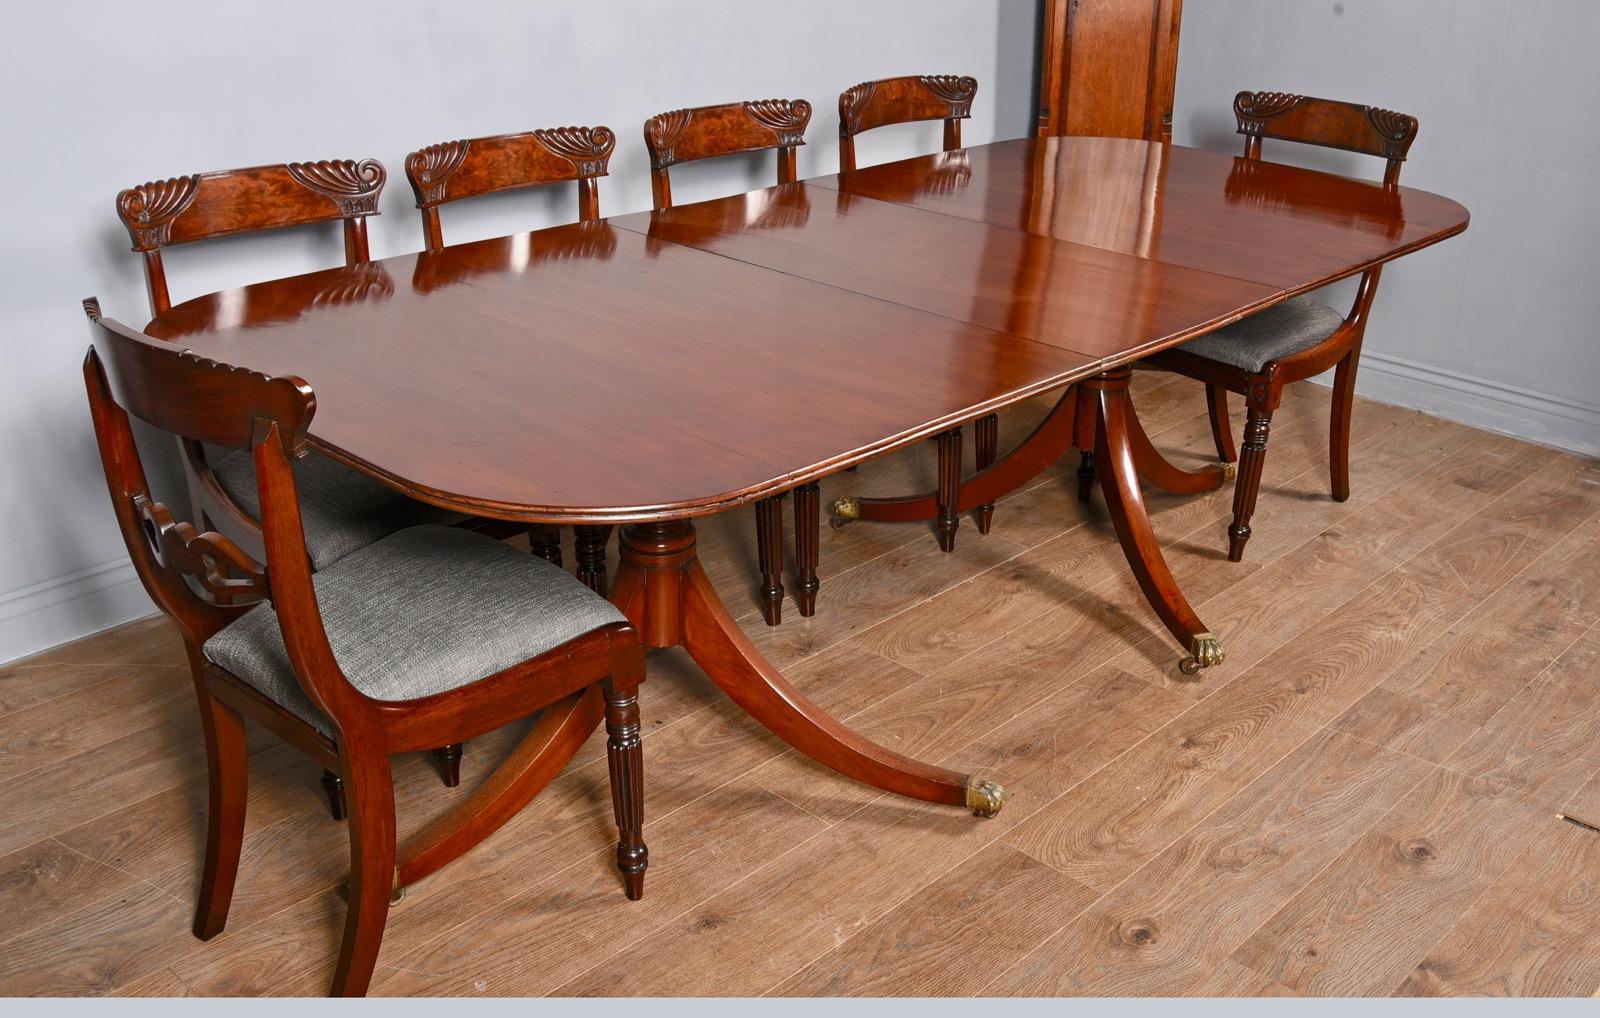 Regency Style Mahogany Twin Pillar Dining Table c.1910 (1 of 1)